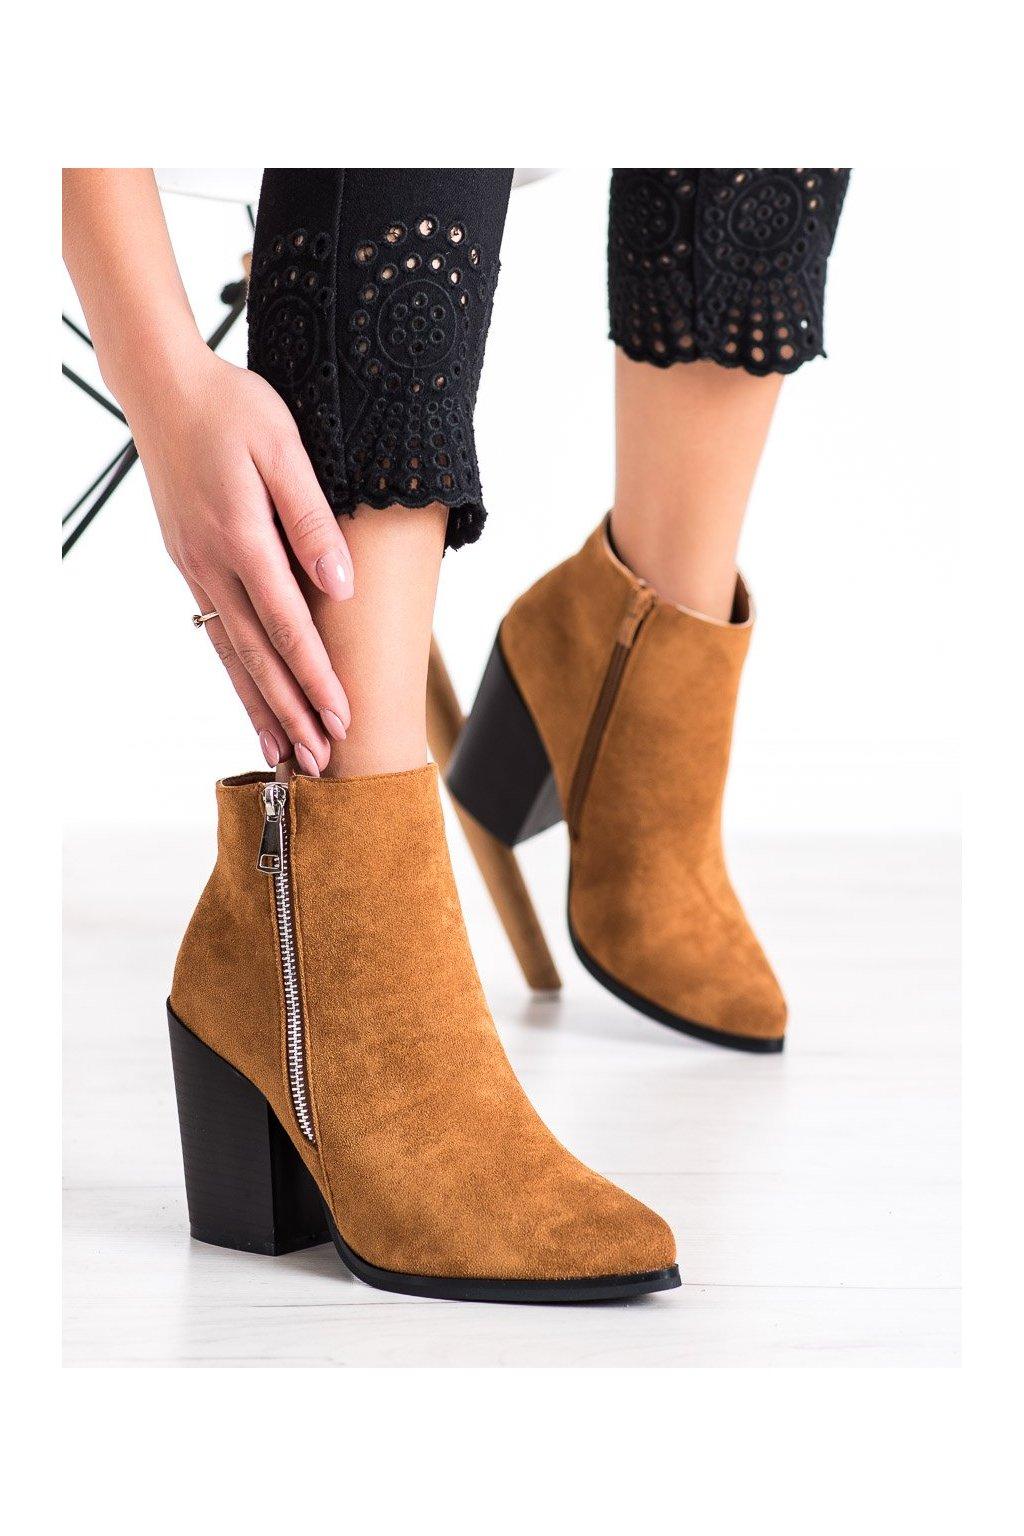 Hnedé dámske topánky Marquiz kod TX-1873C